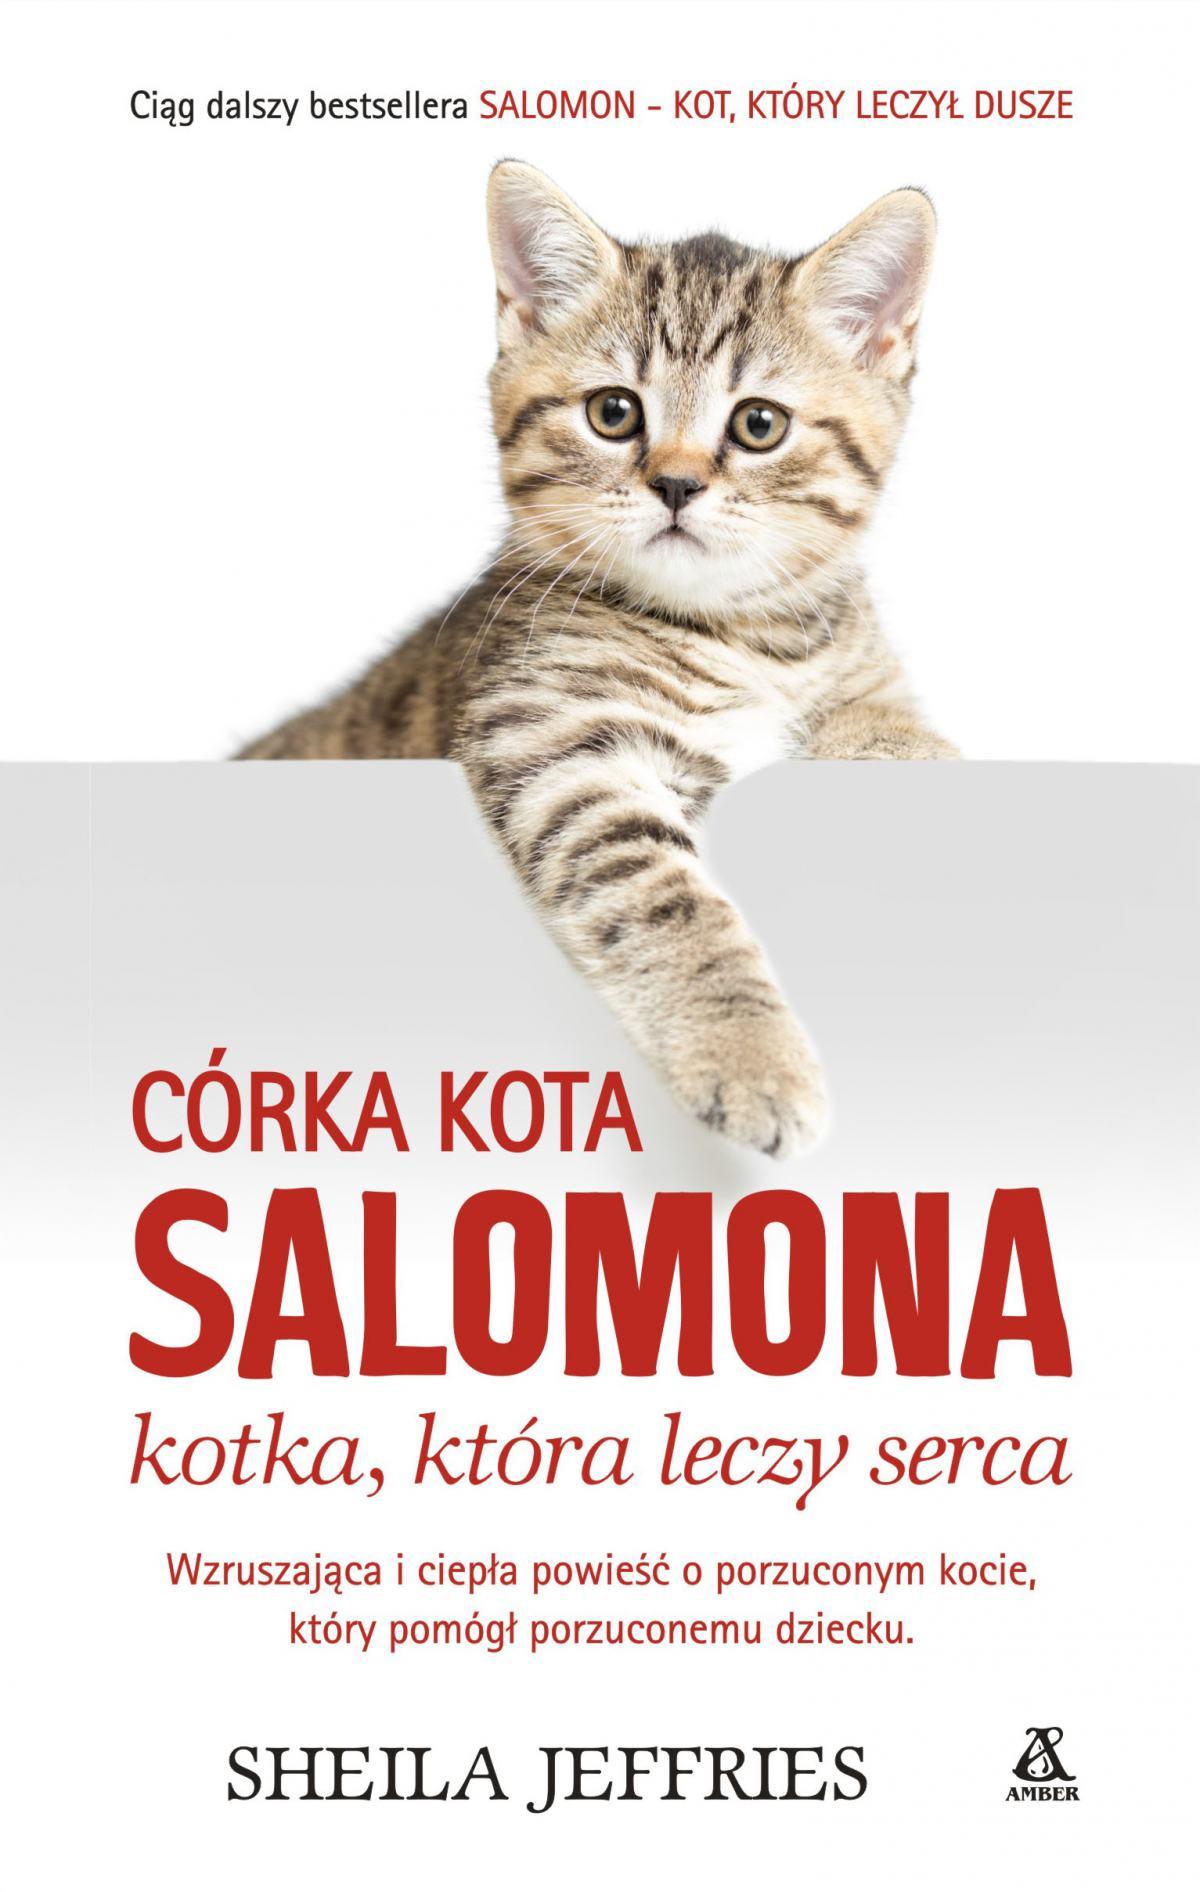 Córka kota Salomona - kotka, która leczy serca - Ebook (Książka EPUB) do pobrania w formacie EPUB